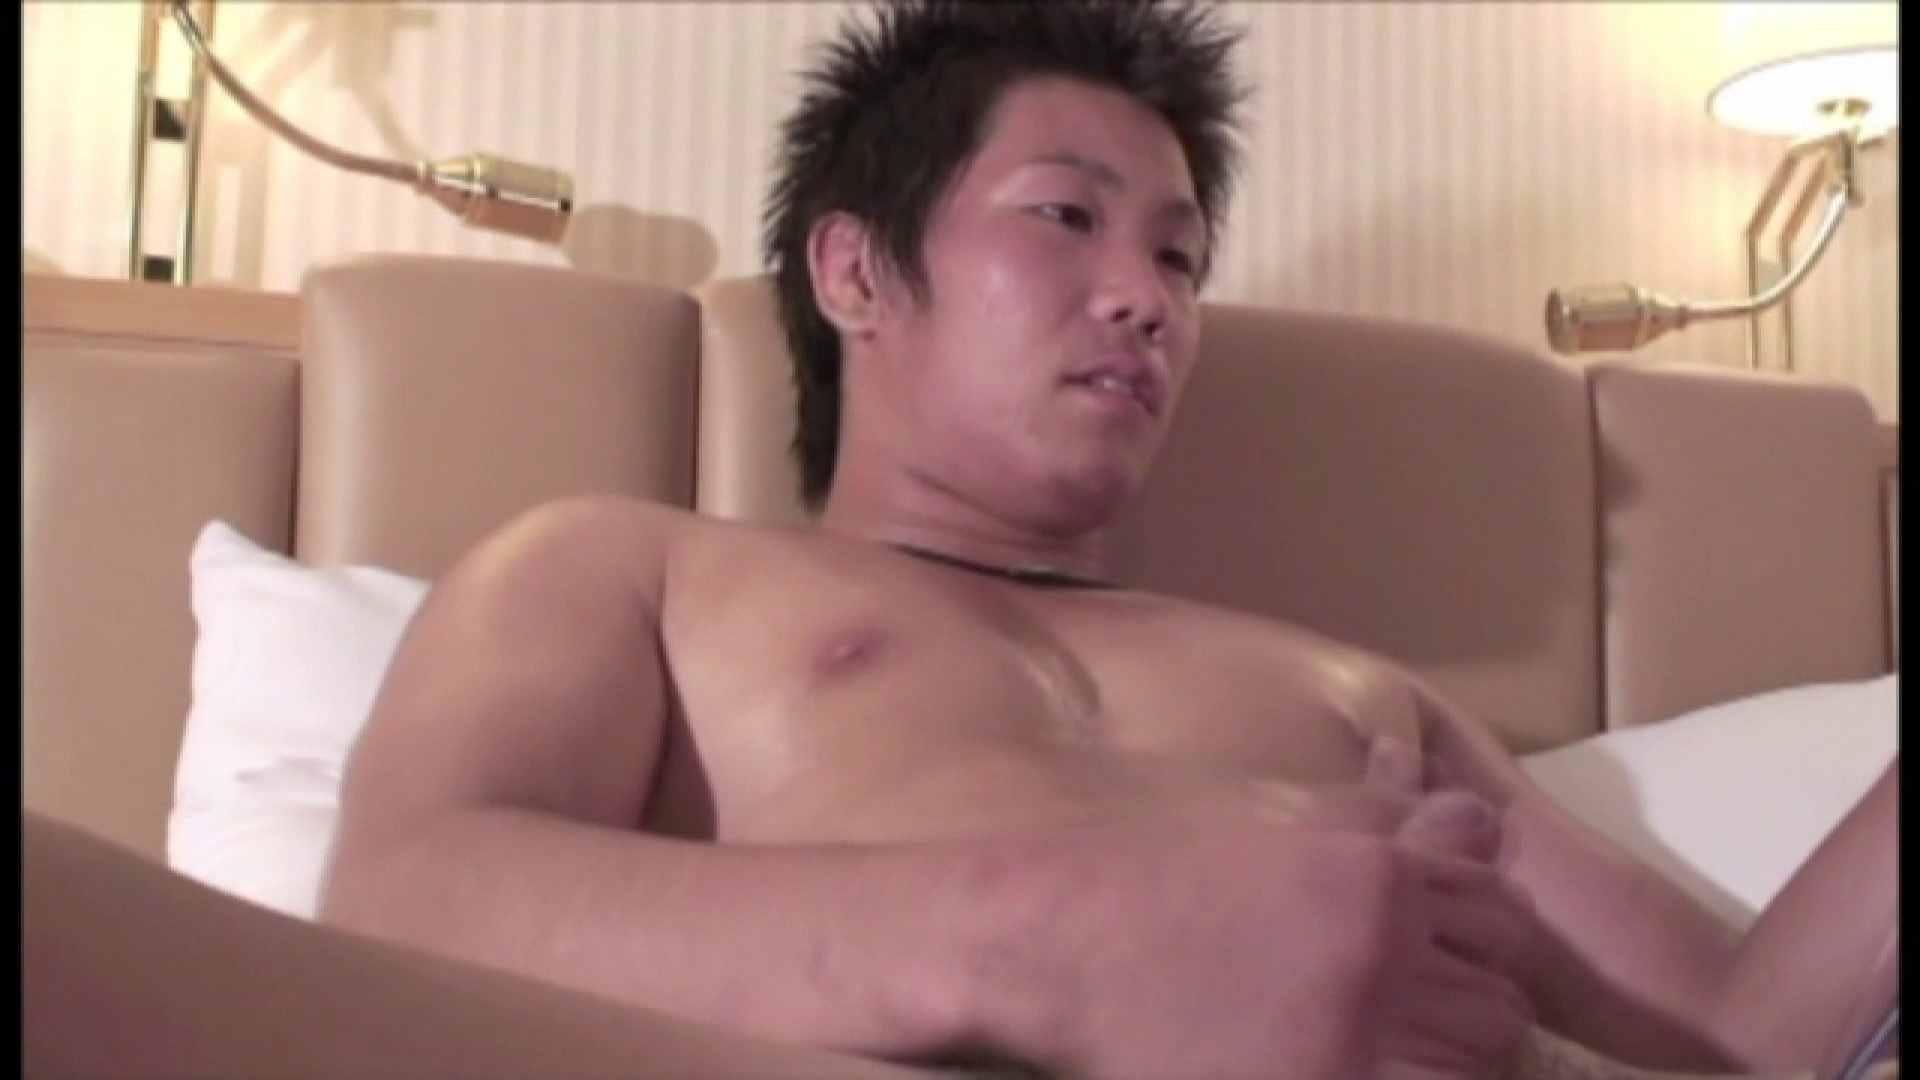 ノンケイケメンの欲望と肉棒 Vol.25 エロ  90pic 85